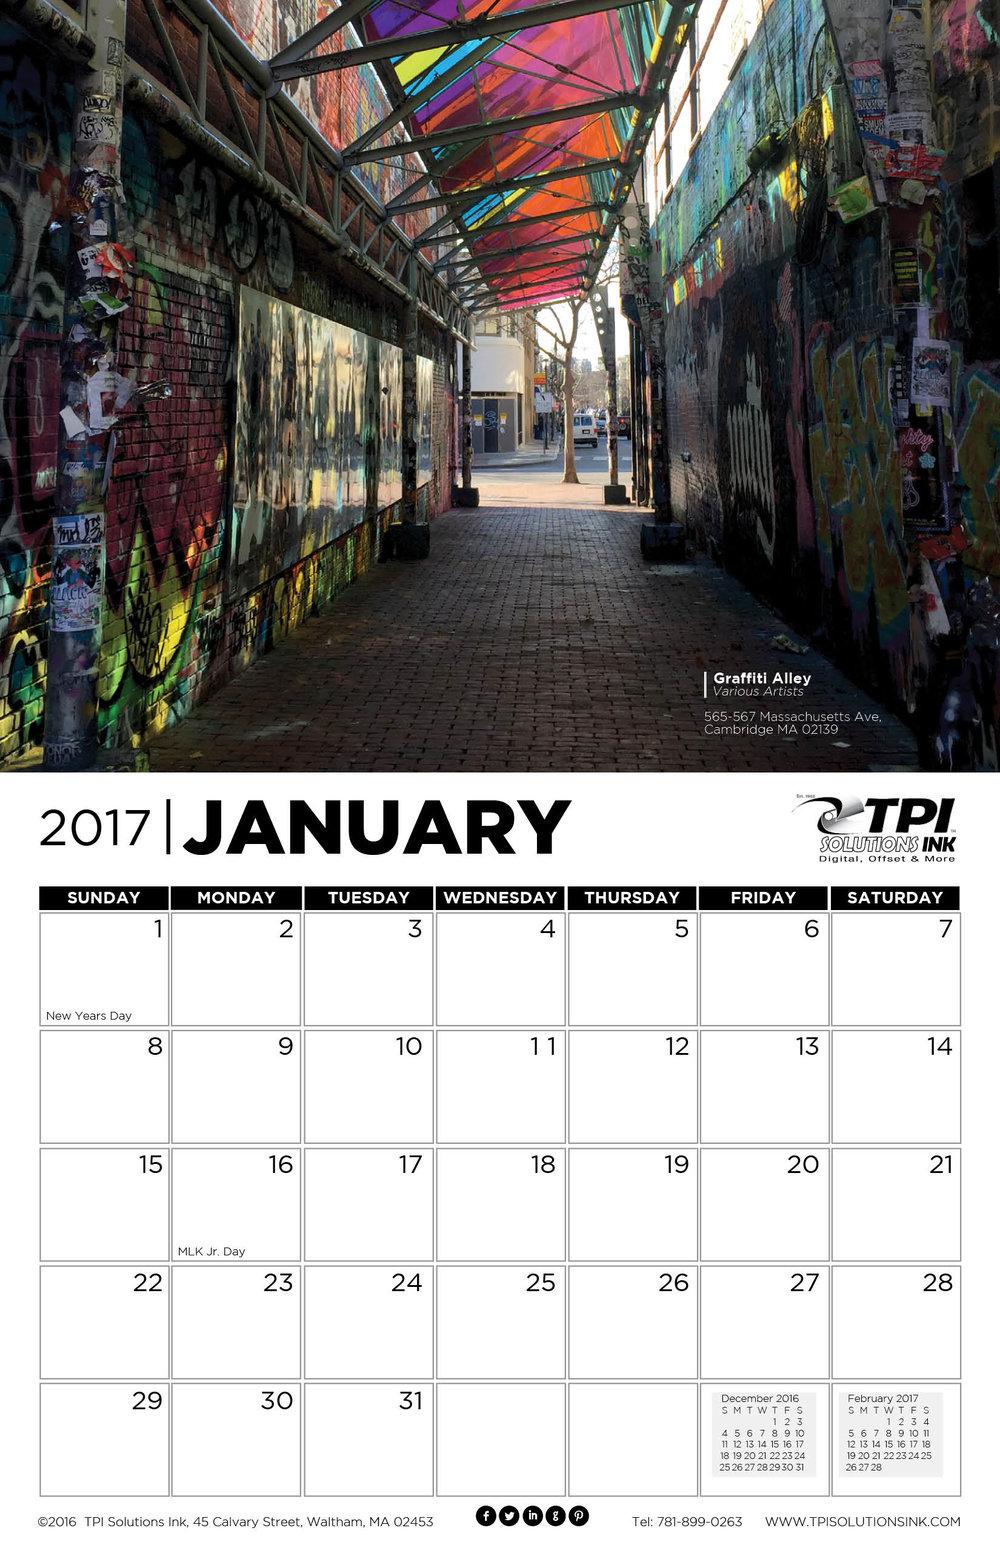 2017_JAN.jpg